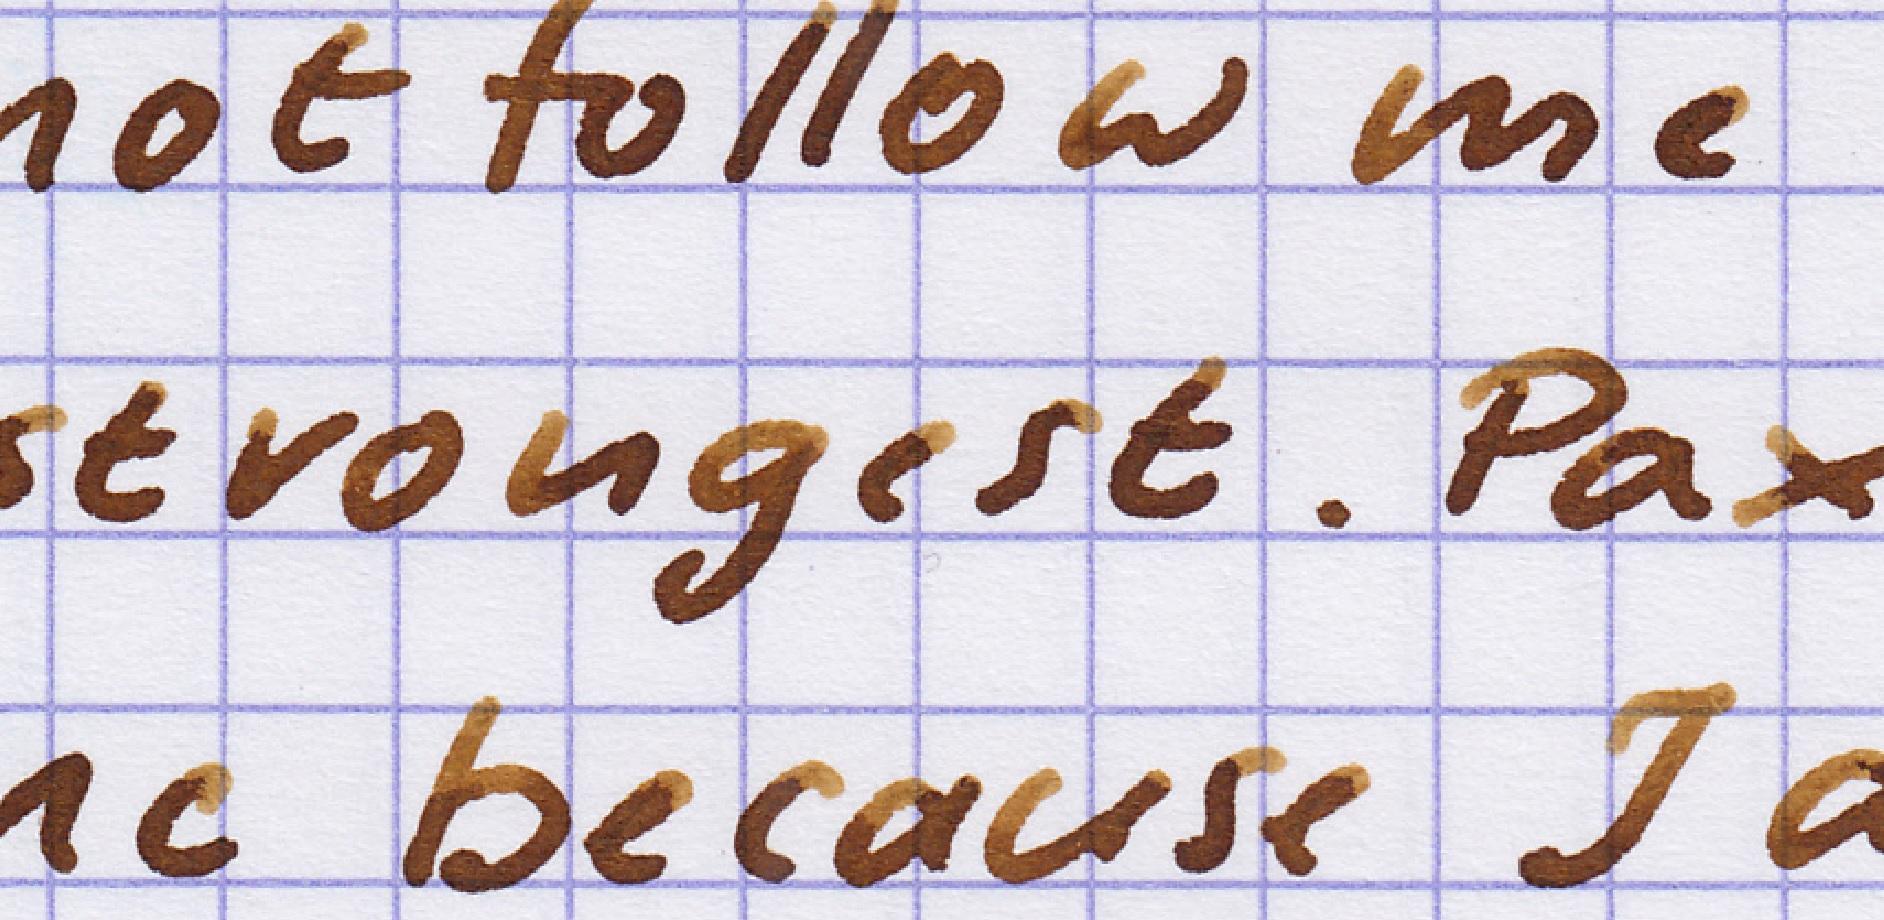 fpn_1482659923__crest_pismo_lie_de_the2.